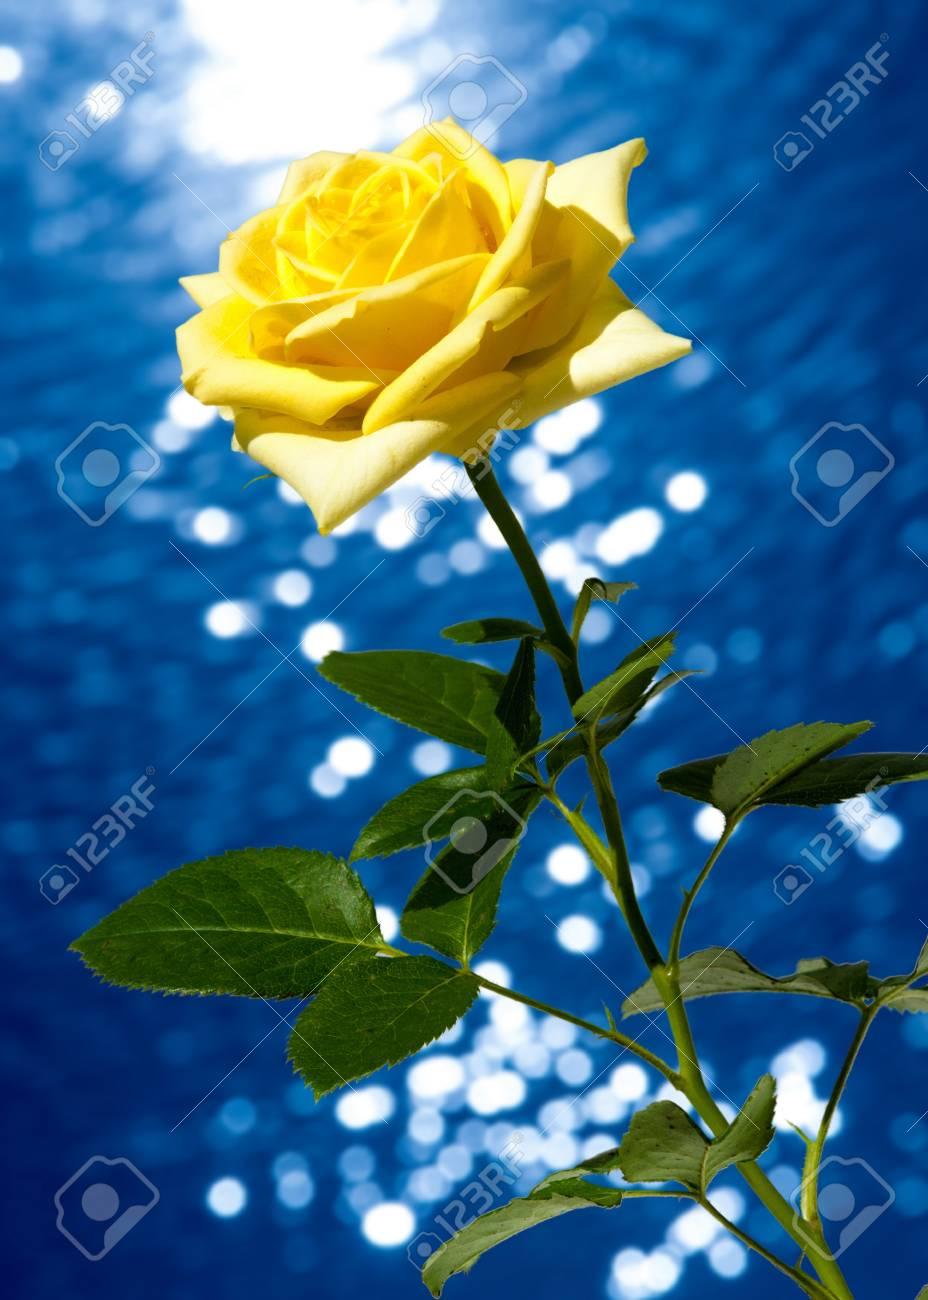 Textura Patron Fondo Rosas La Planta Con Hermosas Flores